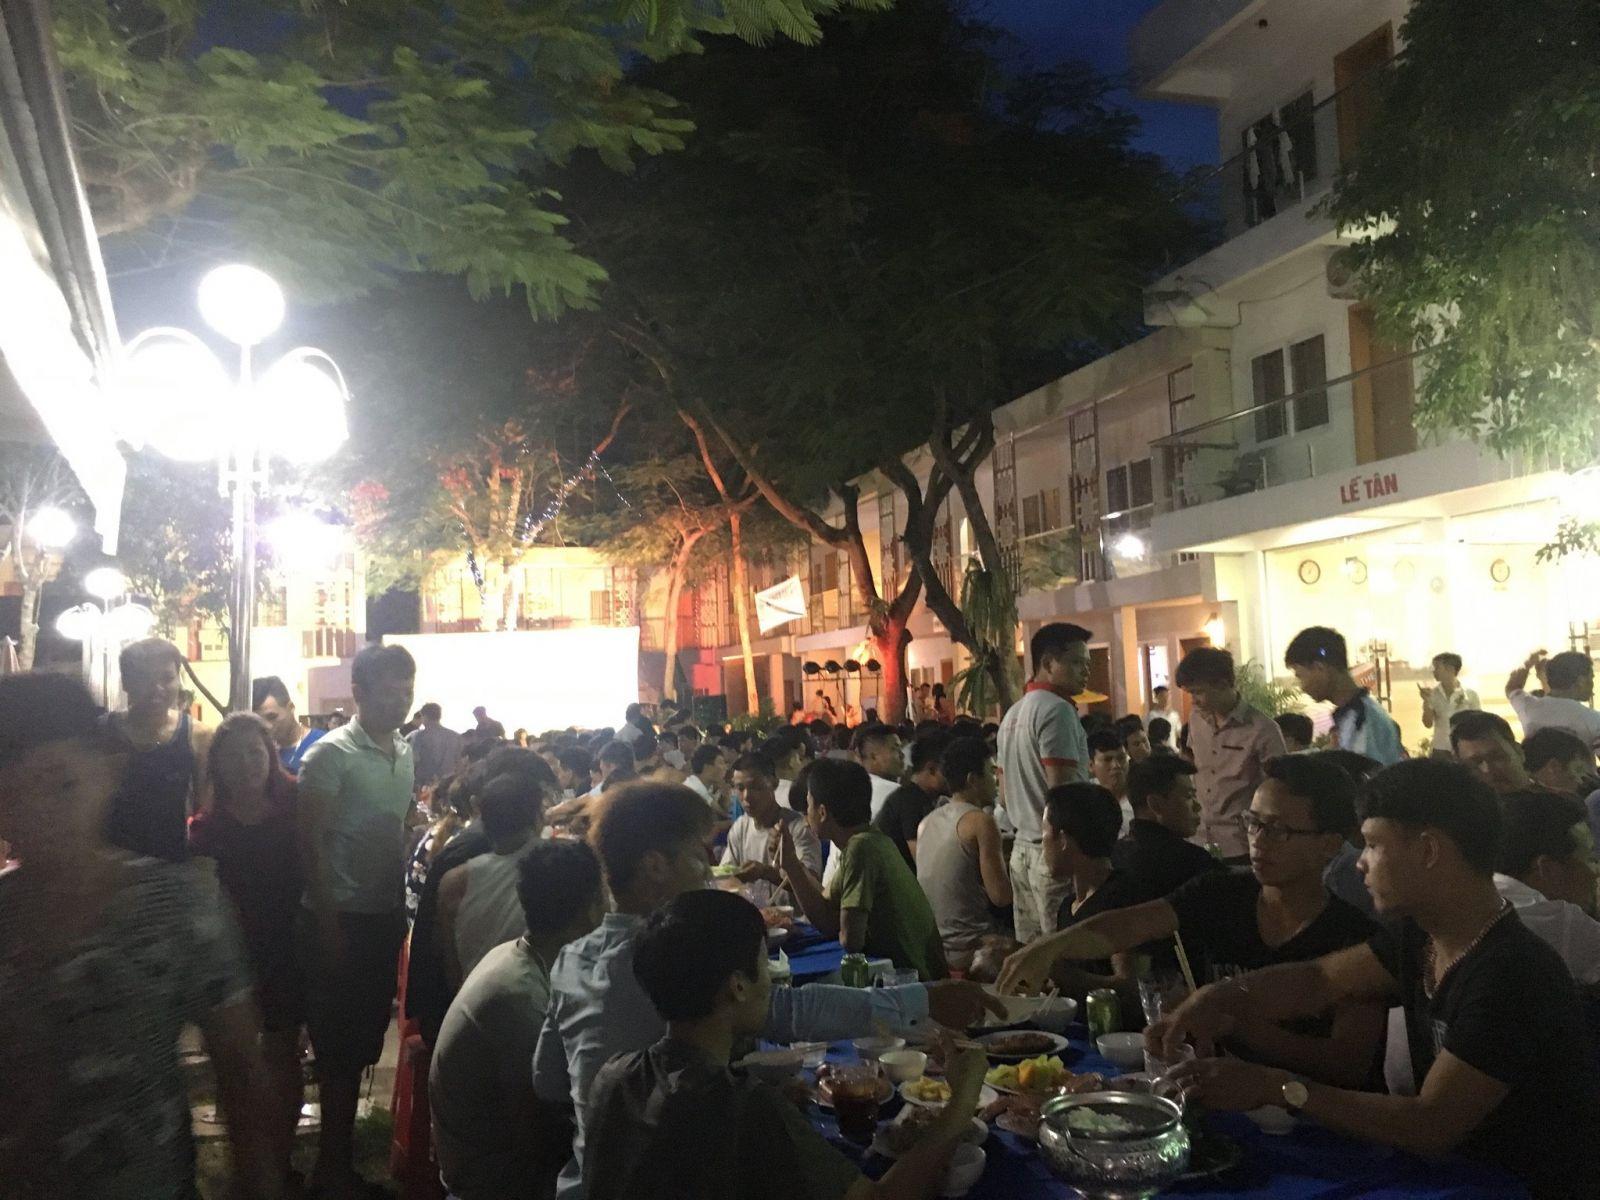 Gala dinner 2017 - dem cua nhung nu cuoi